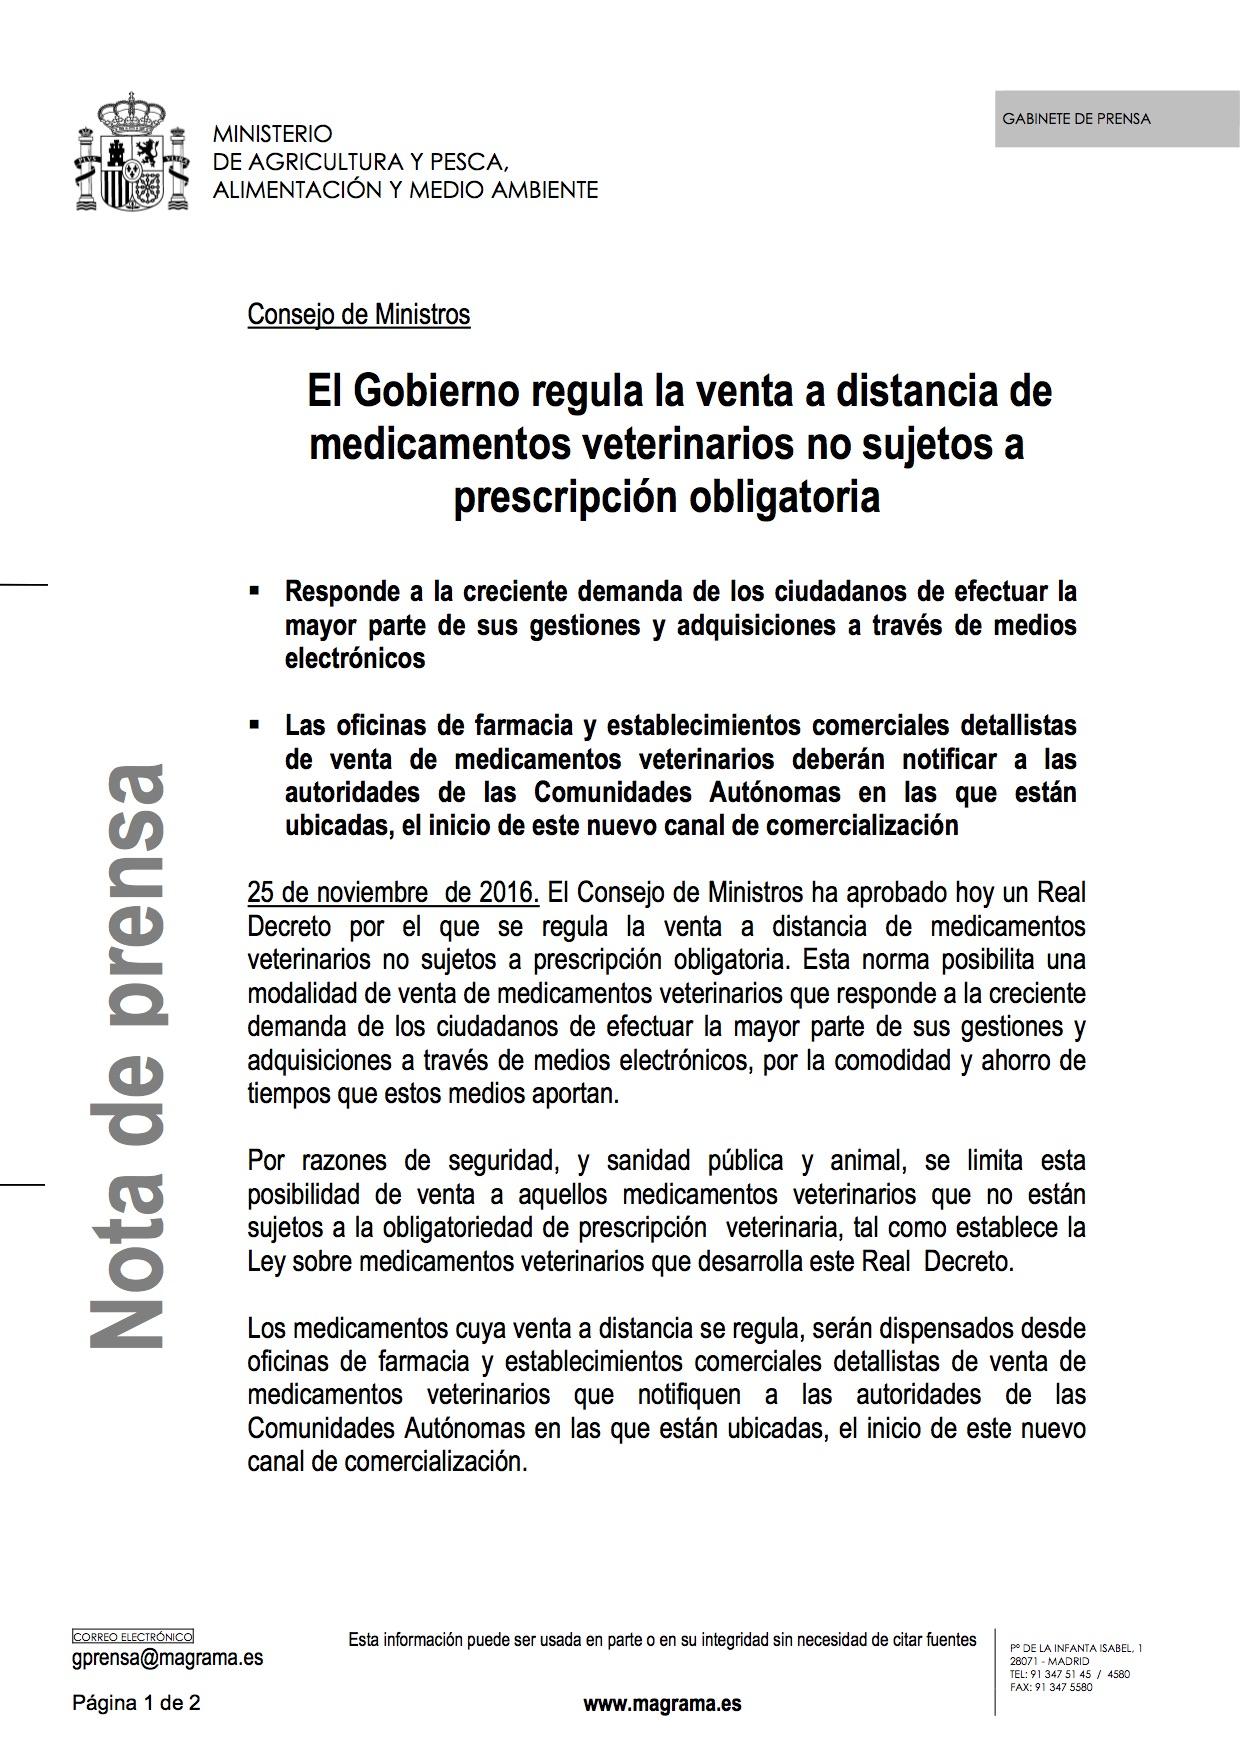 cmventamedicamentosveterinarios1_tcm7-439672_noticia